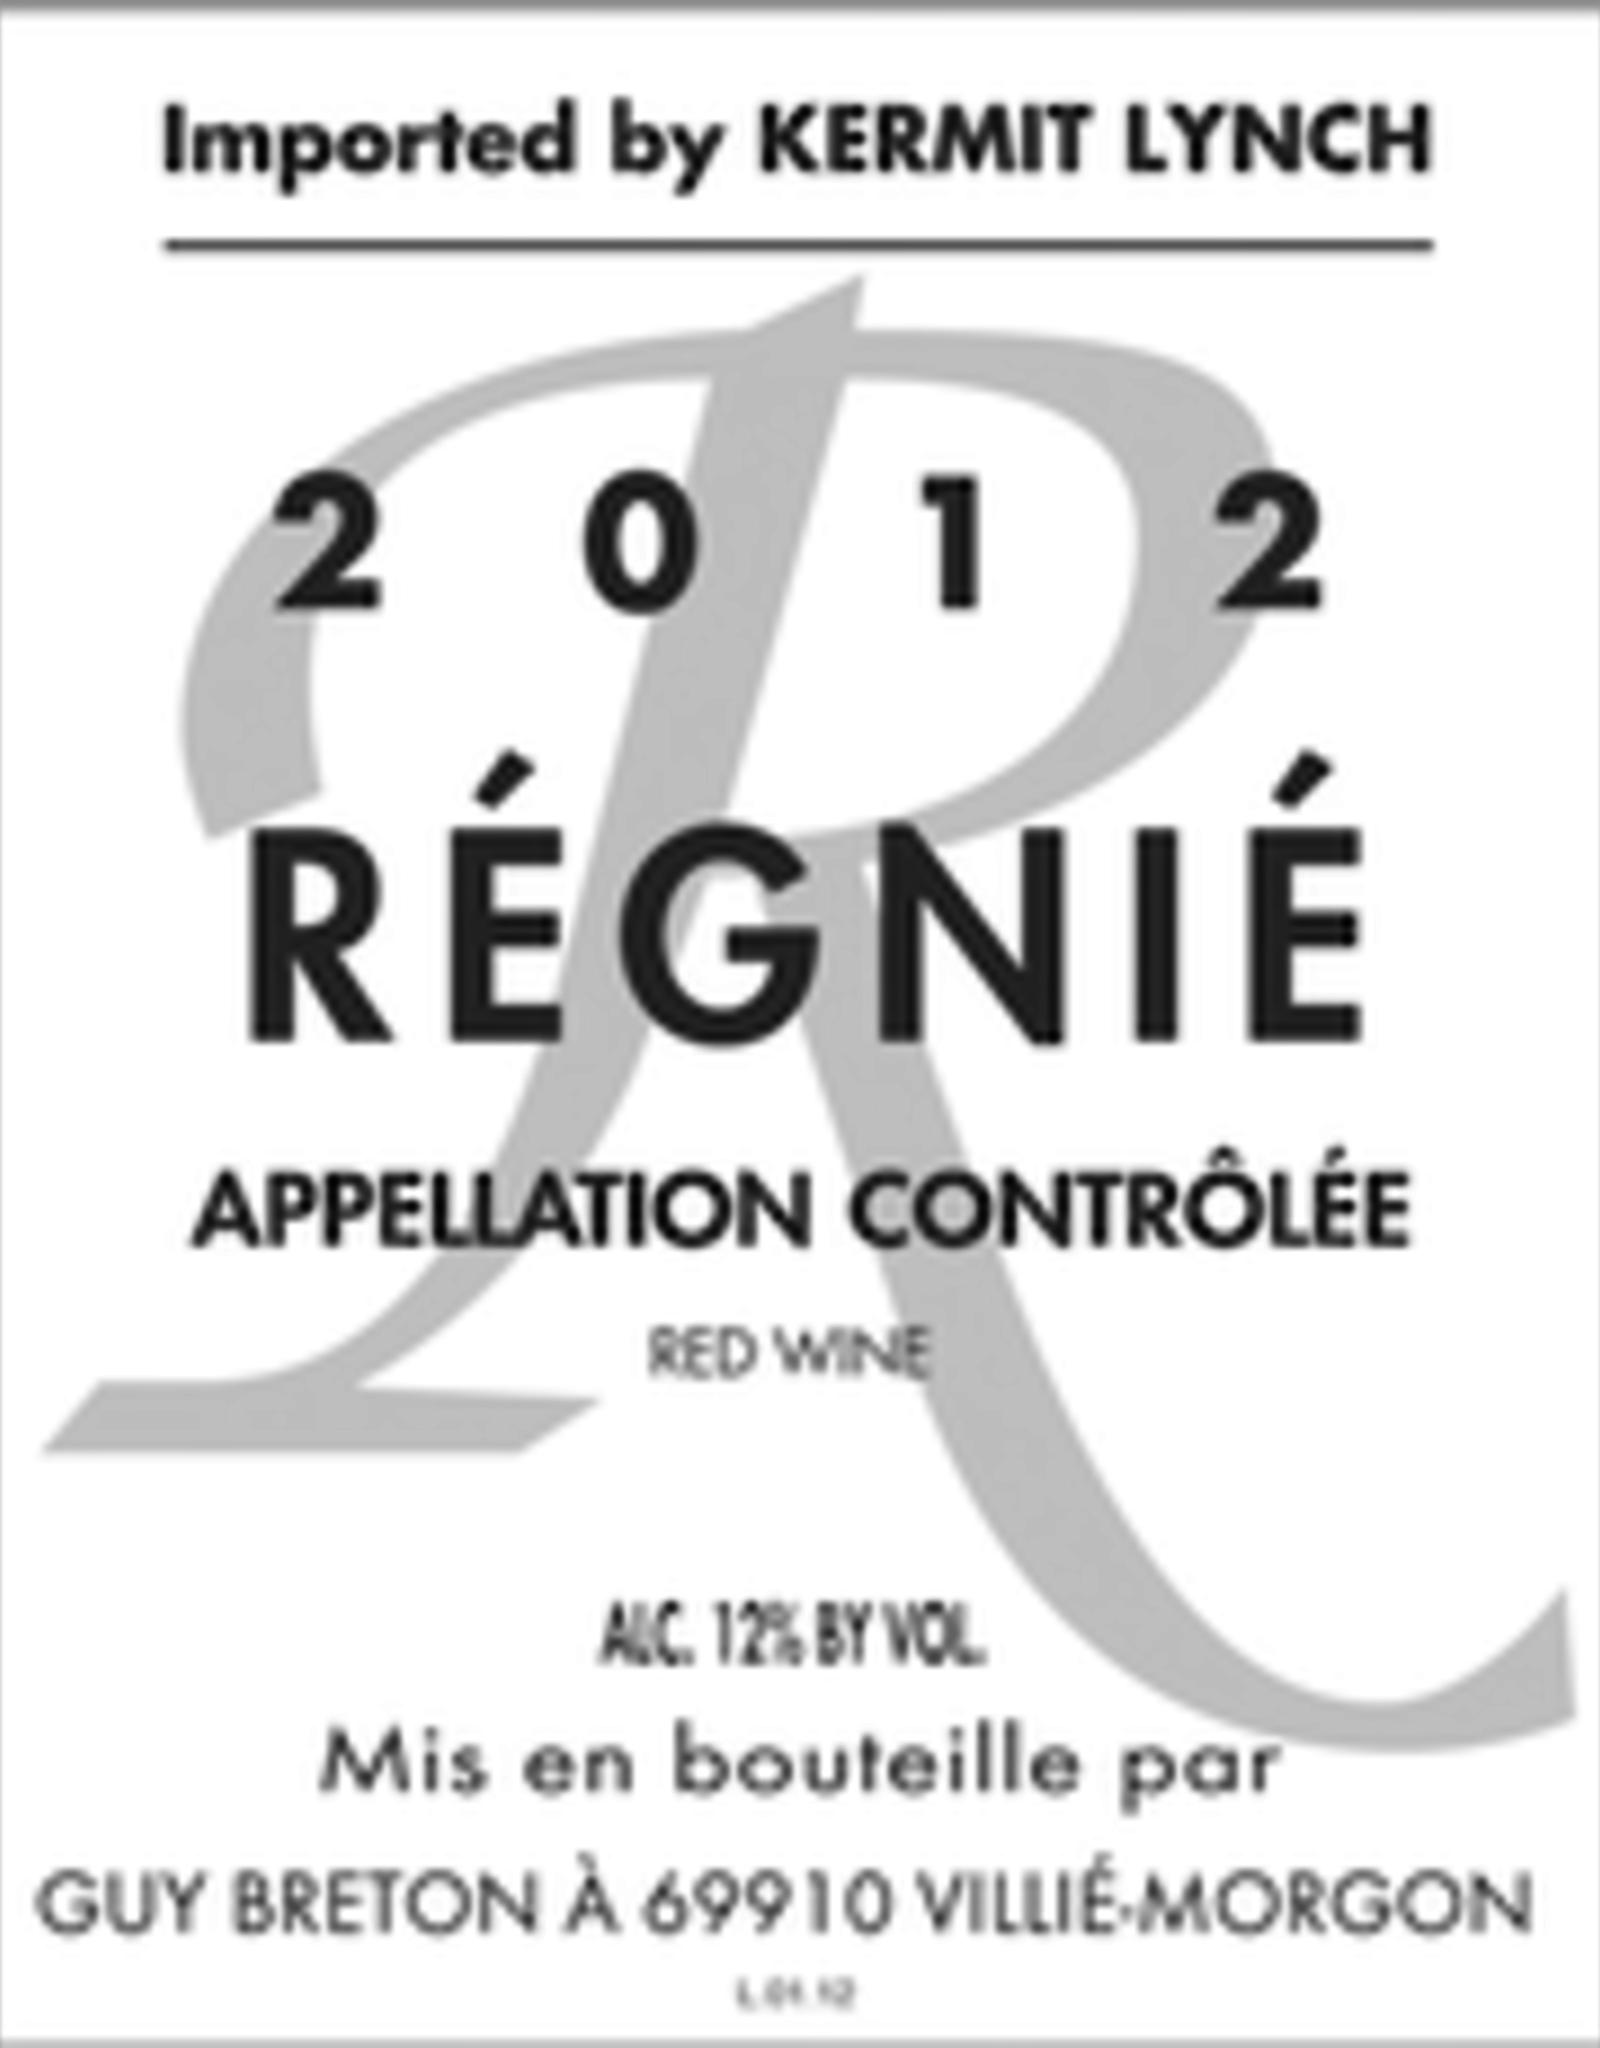 Gamay, Regnie, Guy Breton 2018